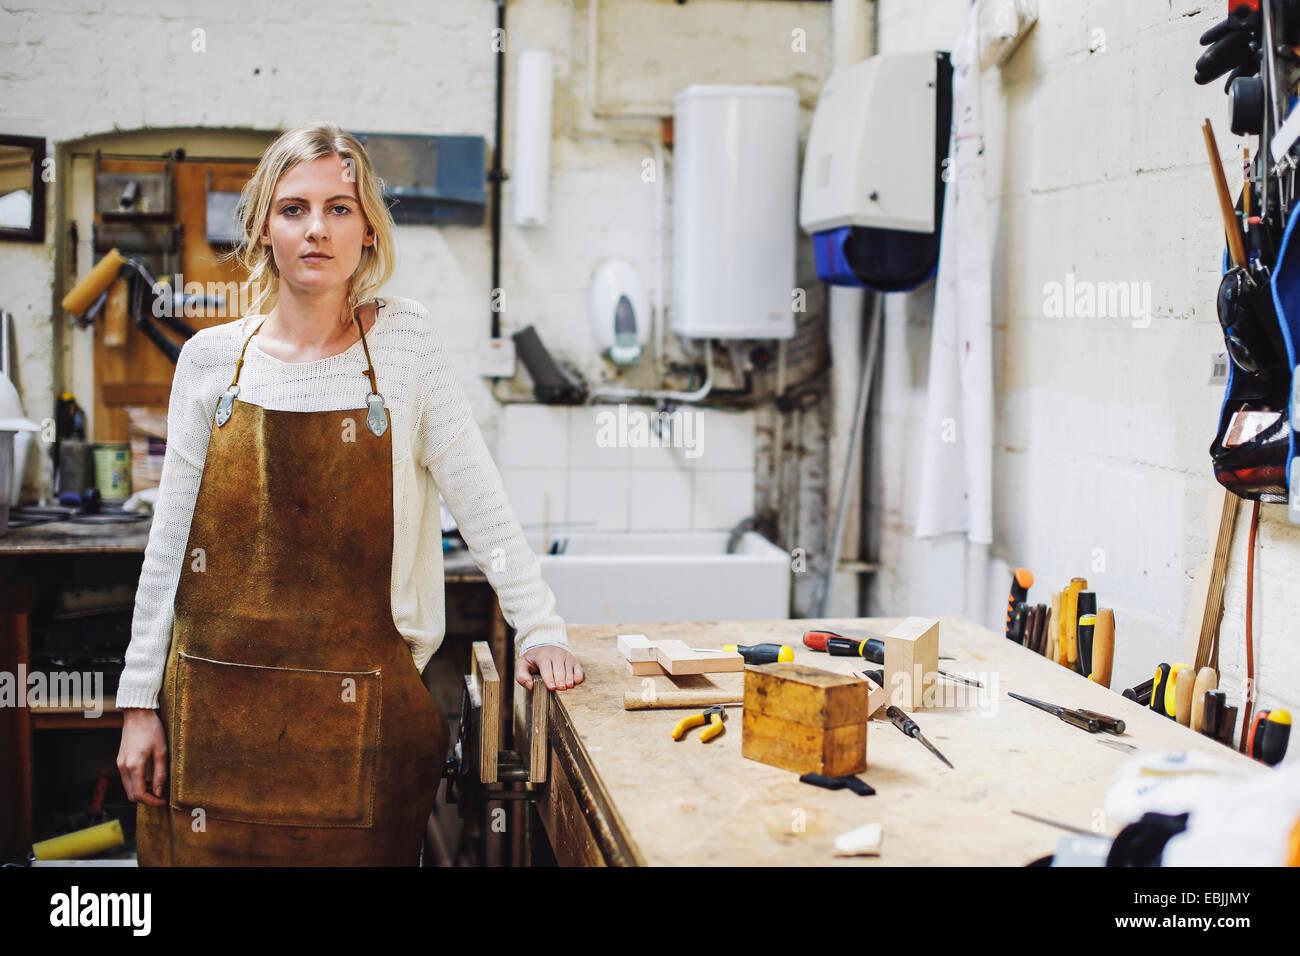 Retrato de joven artesana recostada sobre un banco de trabajo en el taller de órganos Imagen De Stock